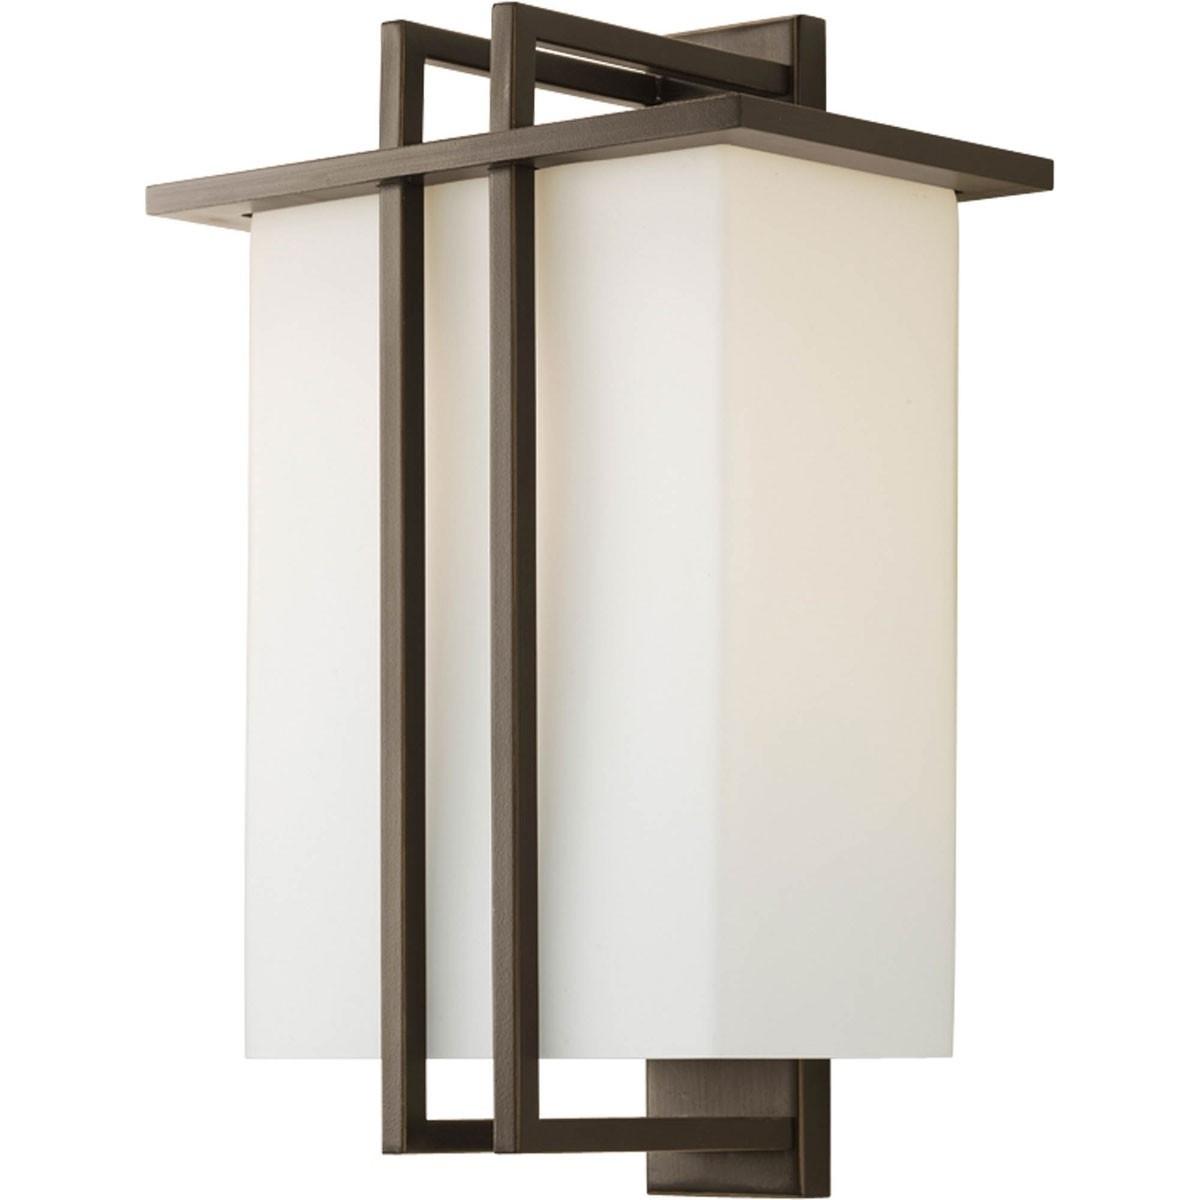 Large Outdoor Wall Lighting Fixtures – Lighting Fixtures Intended For Famous Large Outdoor Wall Lanterns (View 14 of 20)